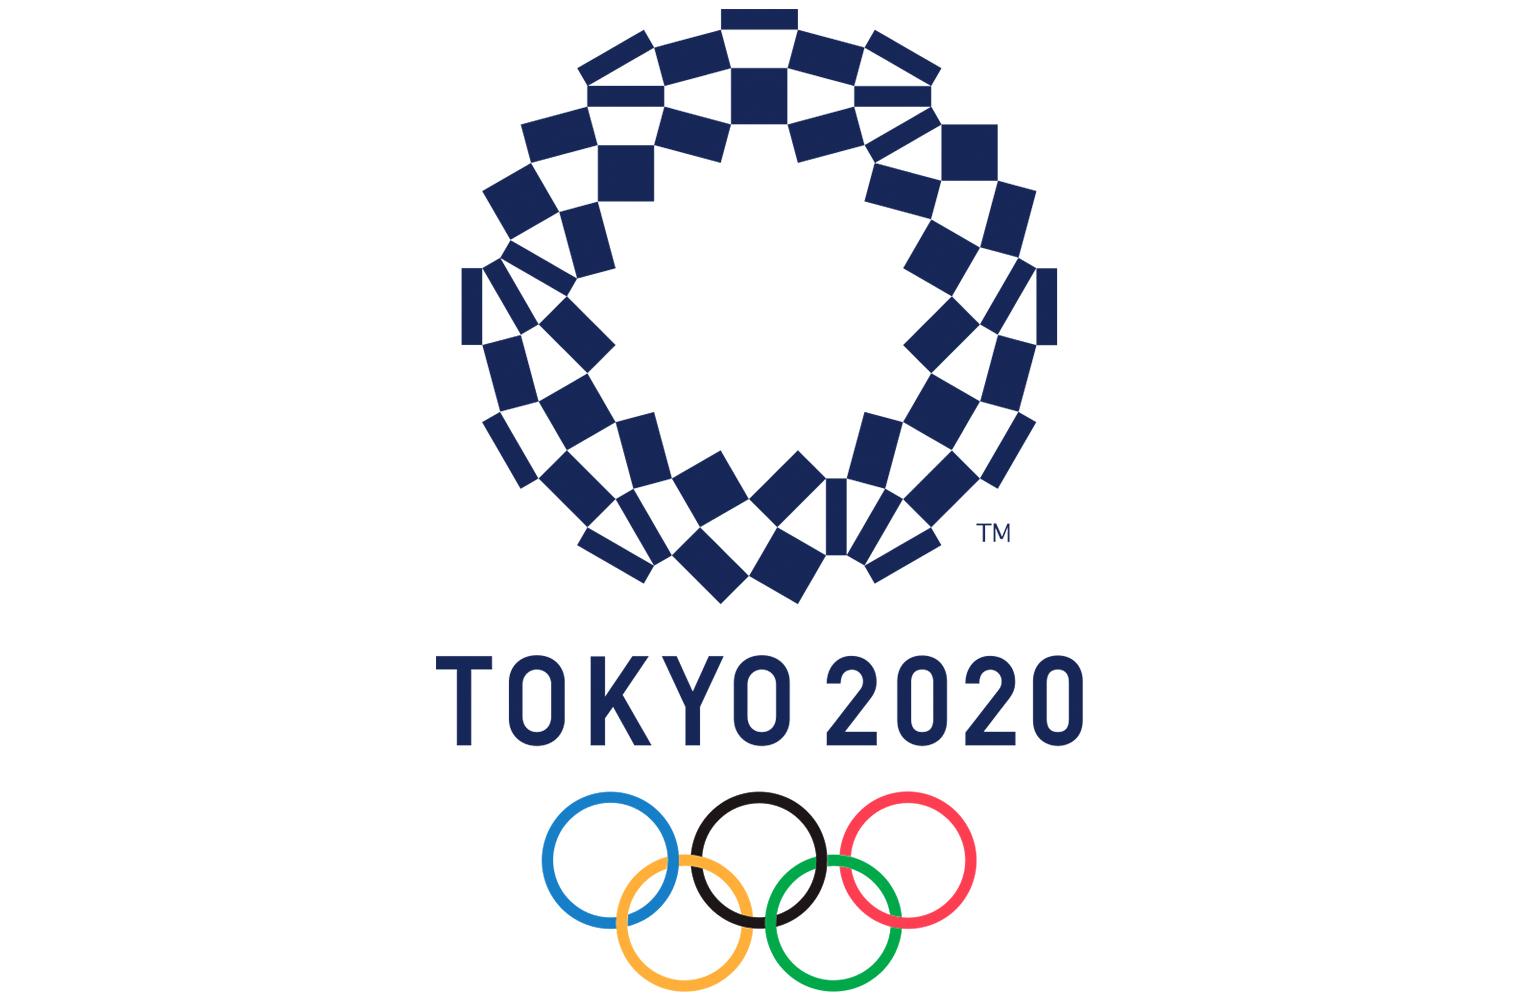 Логотип Олимпиады-2020 в Токио